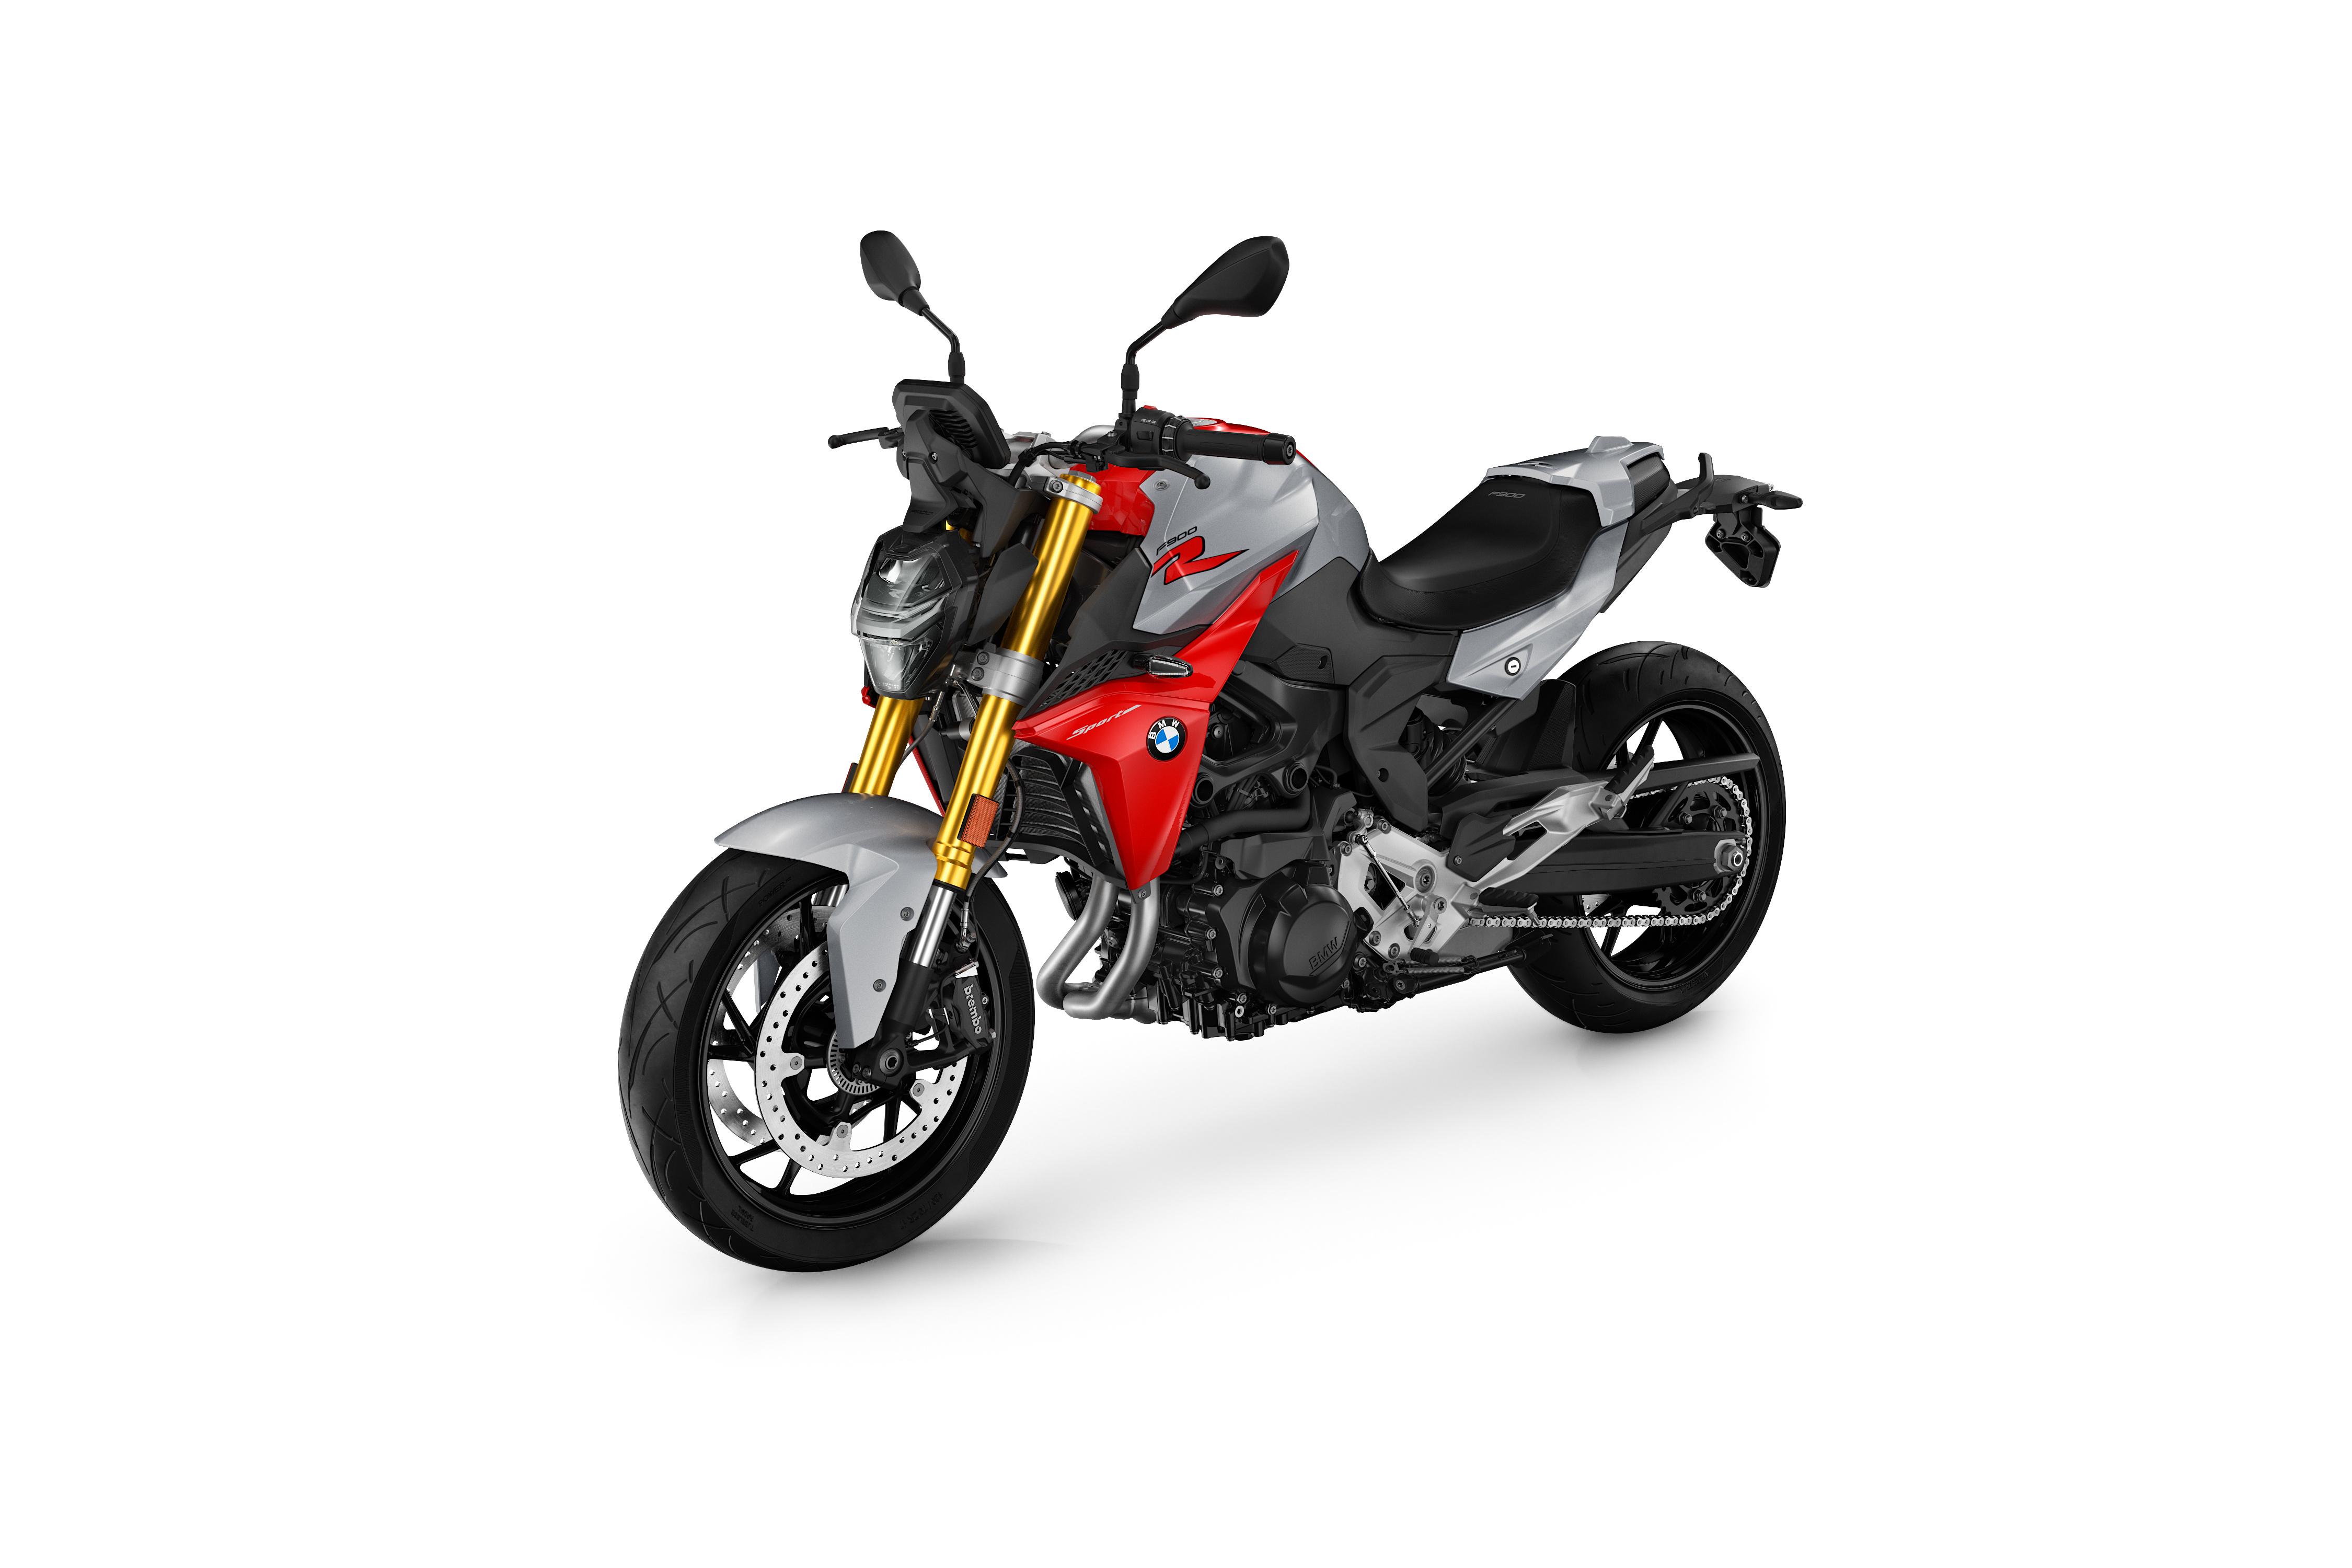 Картинки БМВ F 900 R, 2020 мотоцикл белом фоне 4500x3000 BMW - Мотоциклы Мотоциклы Белый фон белым фоном